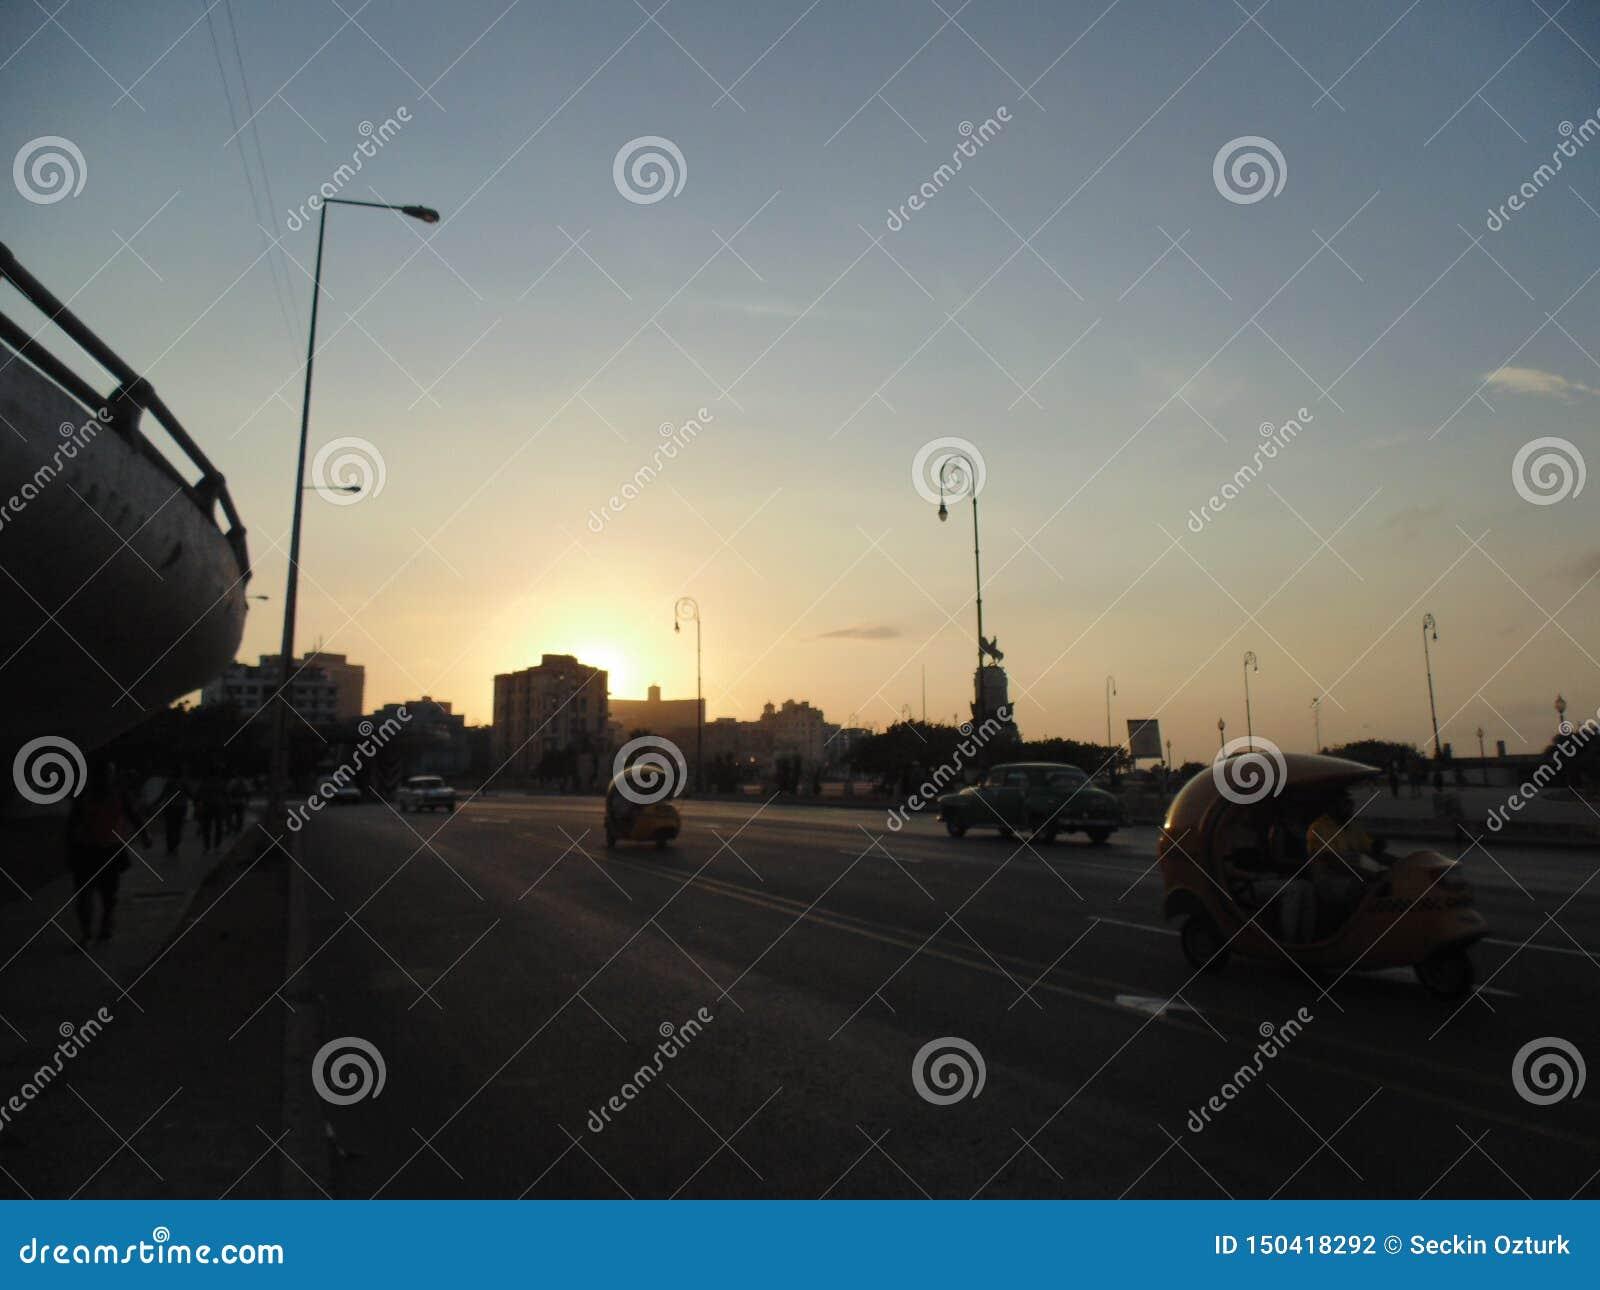 Sonnenuntergang in Malecon, Havana, Kuba